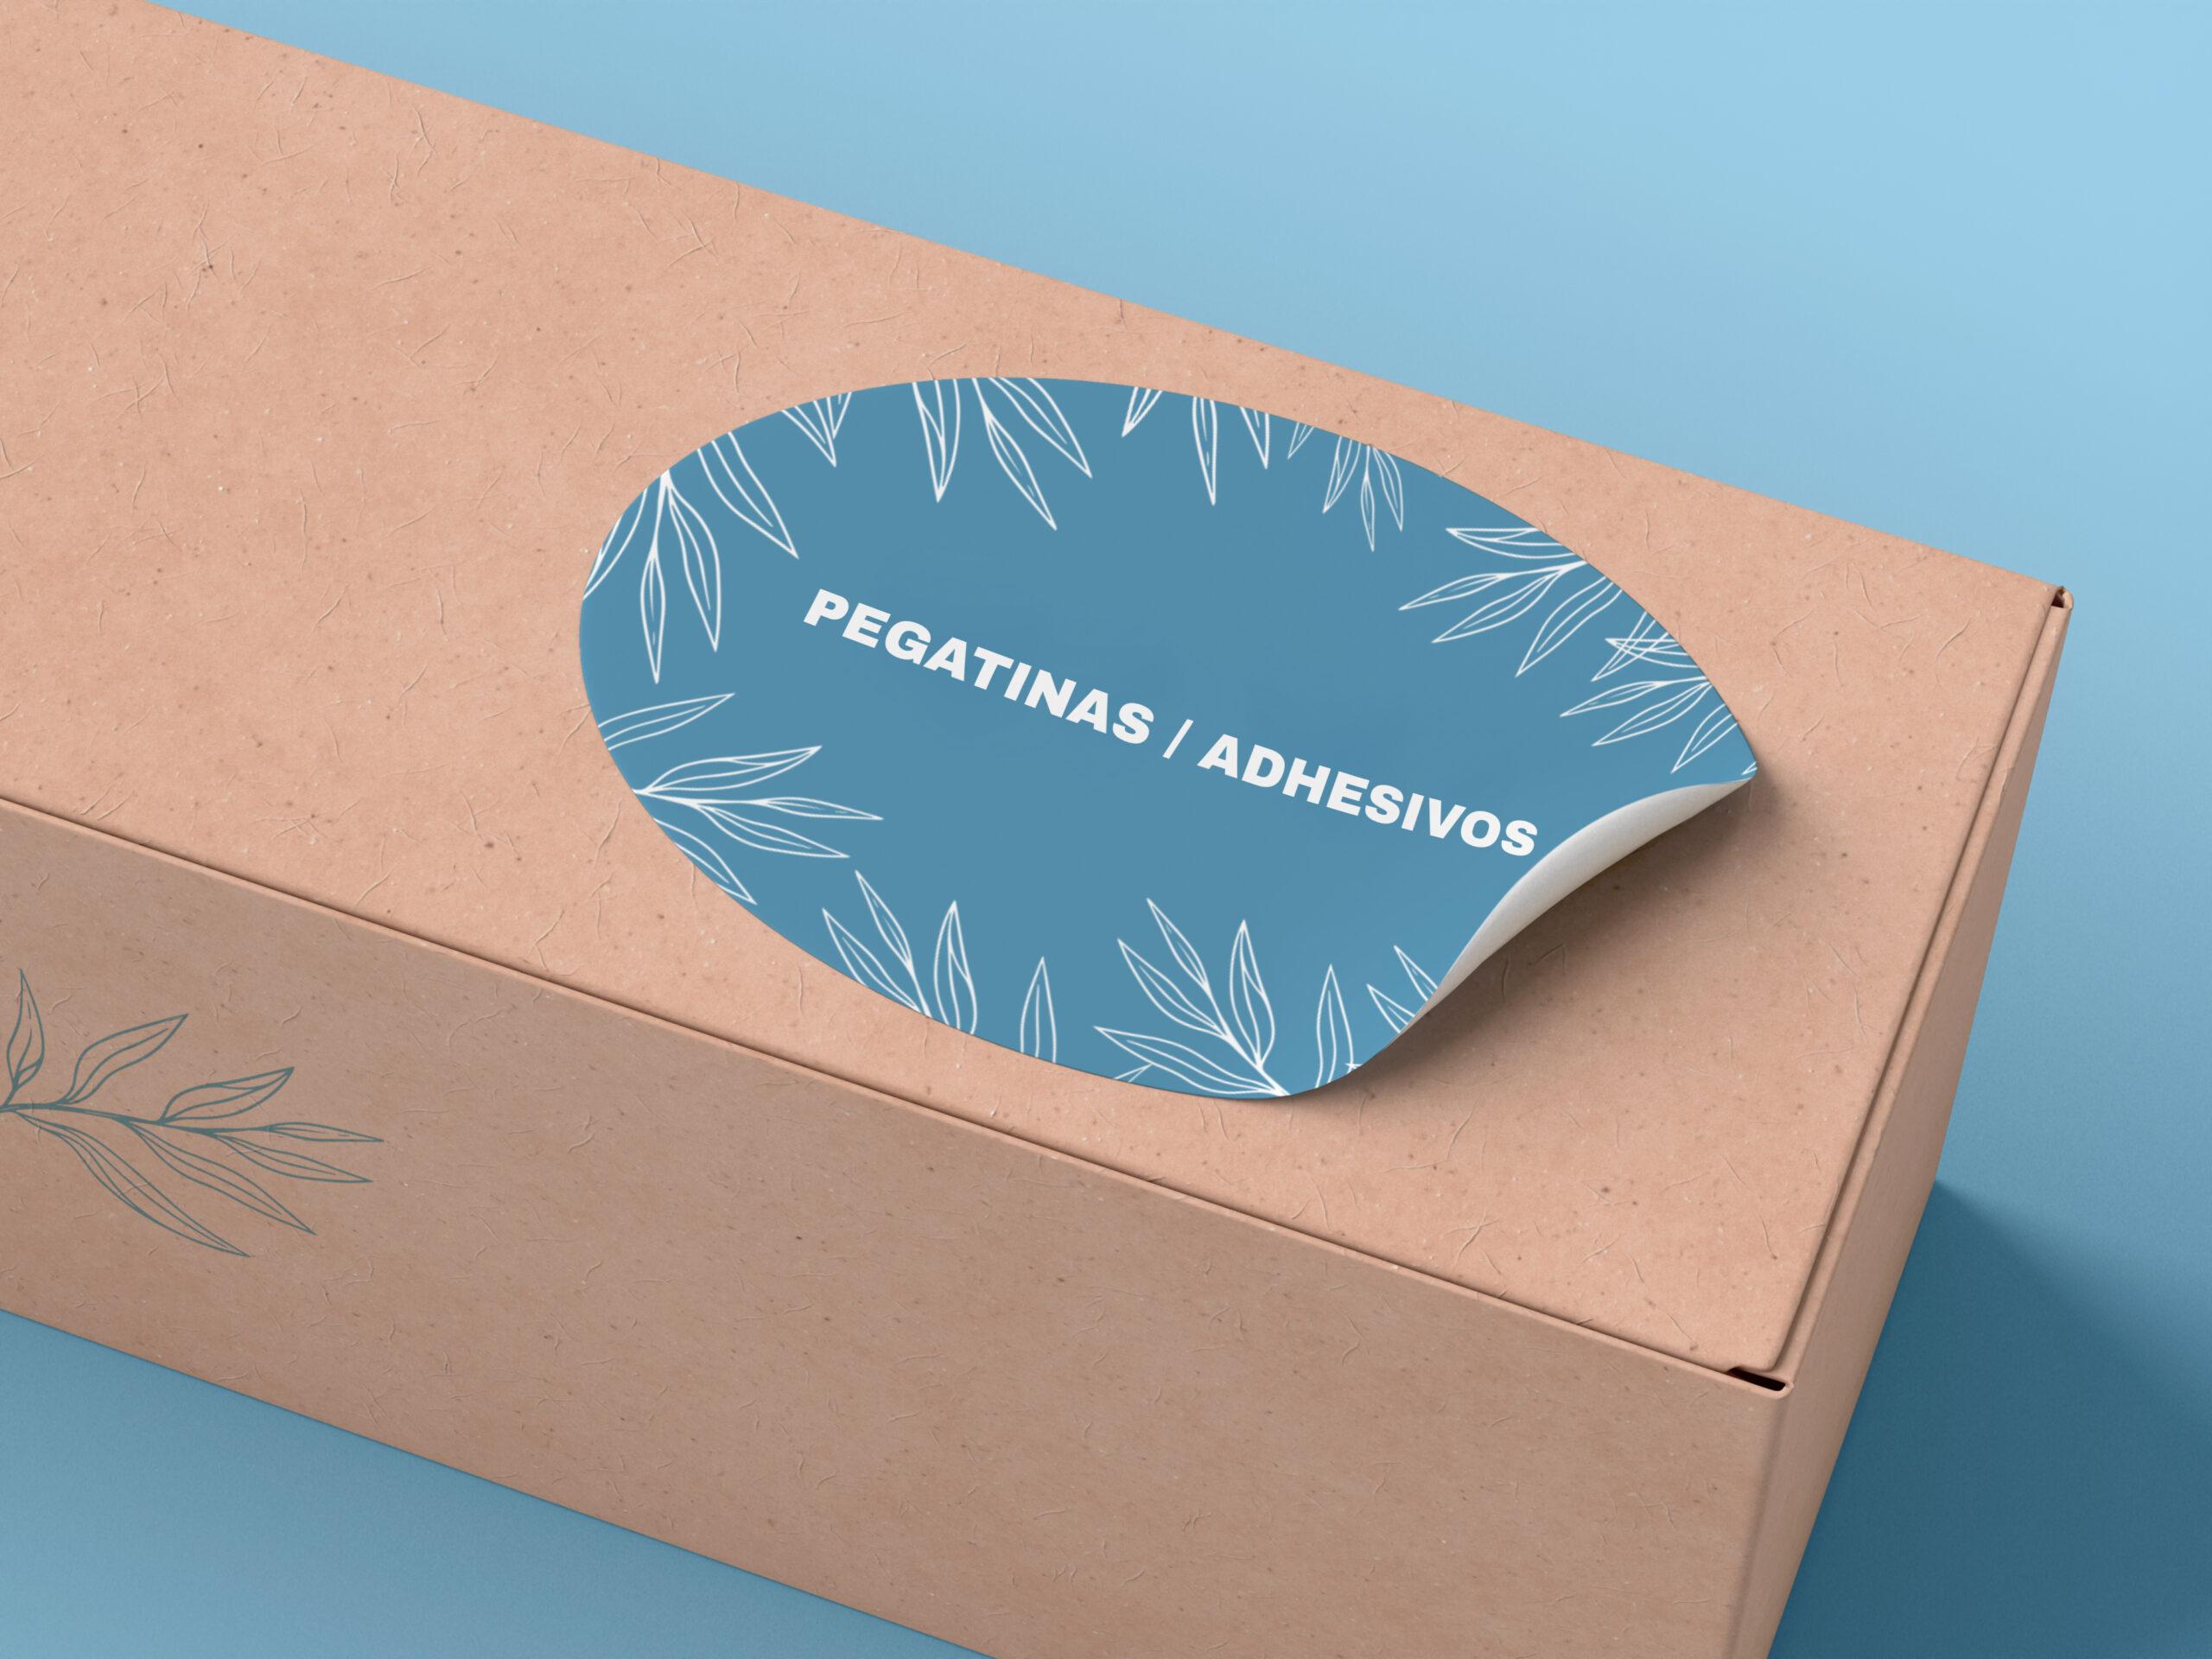 Impresión de pegatinas y adhesivos personalizados